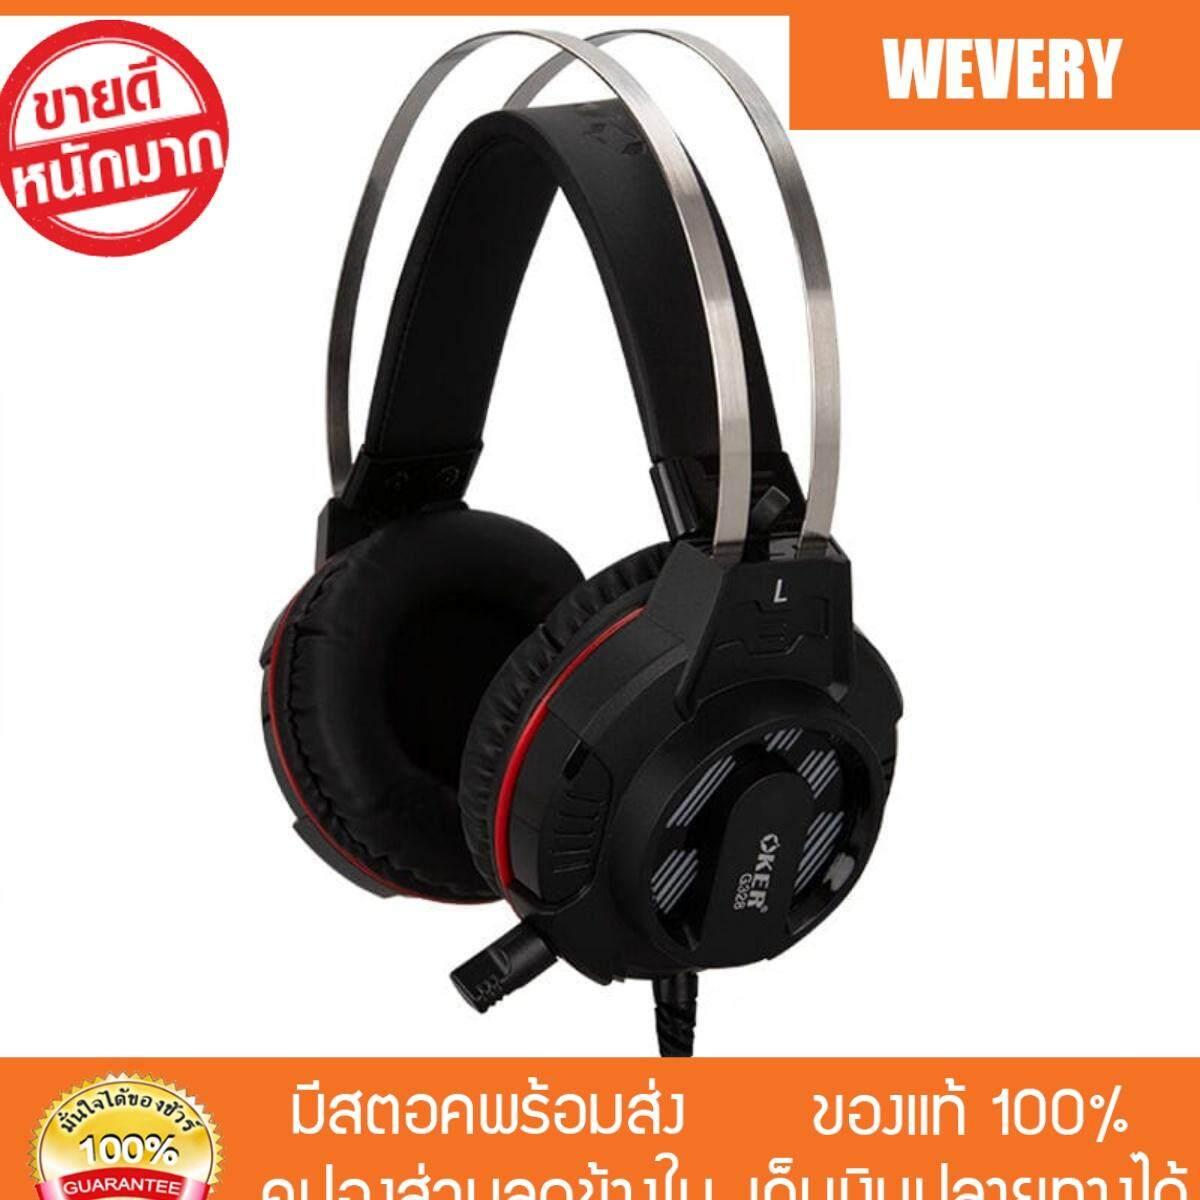 ลดสุดๆ [Wevery] HEADSET 7.1 GAMING OKER G328 สีดำ headphone gaming หูฟังเกมมิ่ง oker หูฟังครอบหู หูฟังสำหรับคอม หูฟังแบบครอบ ส่ง Kerry เก็บปลายทางได้